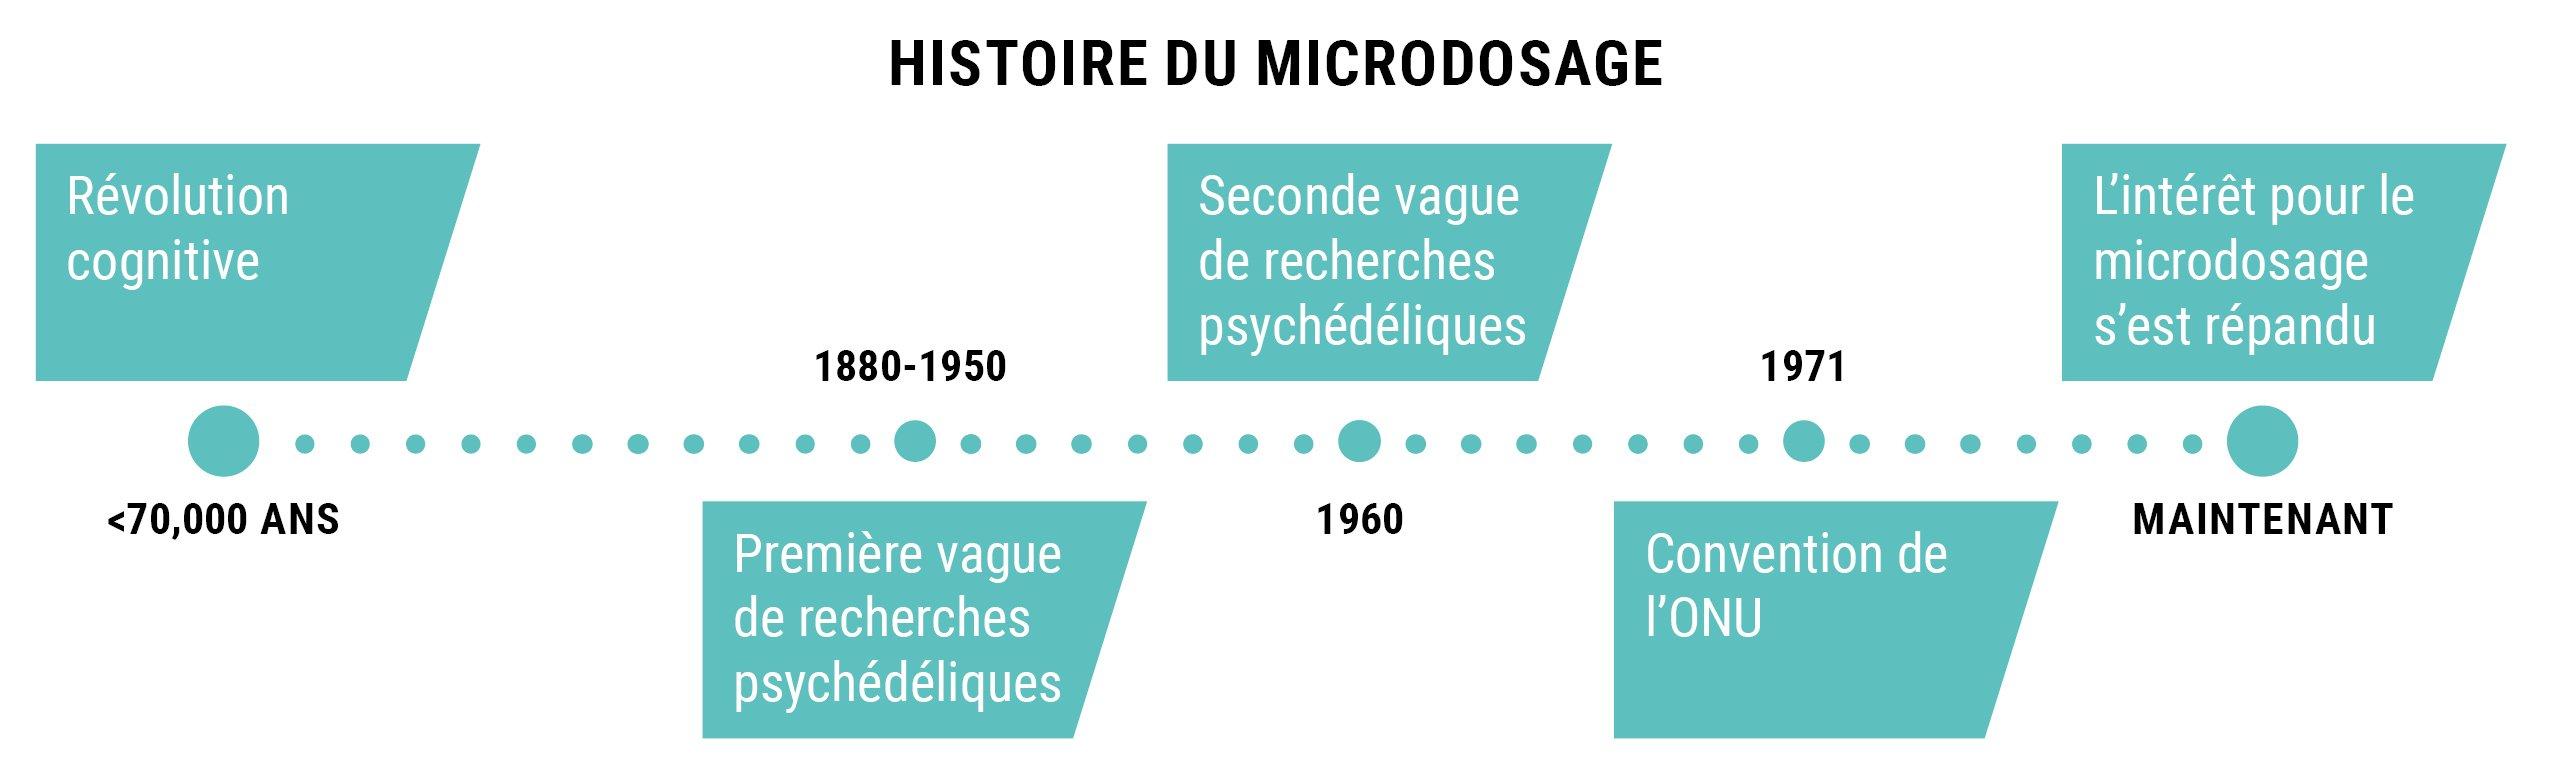 HISTOIRE DU MICRODOSAGE